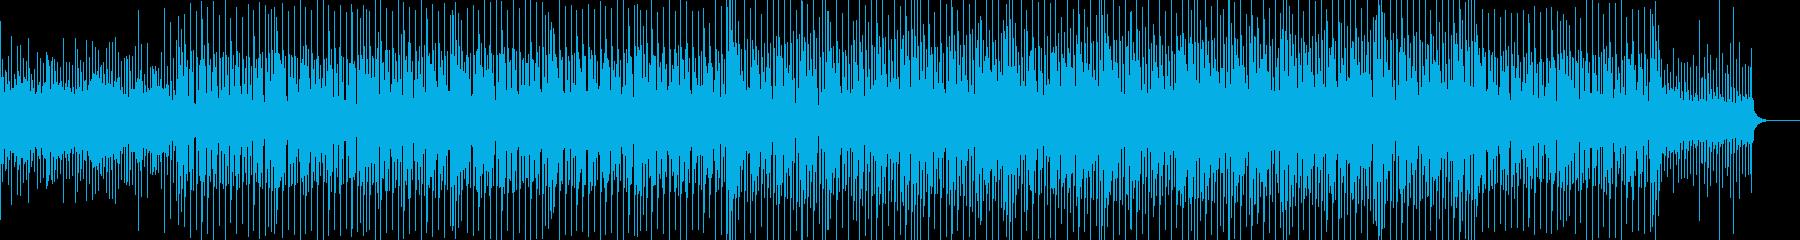 爽やかで明るく疾走感のあるBGMの再生済みの波形